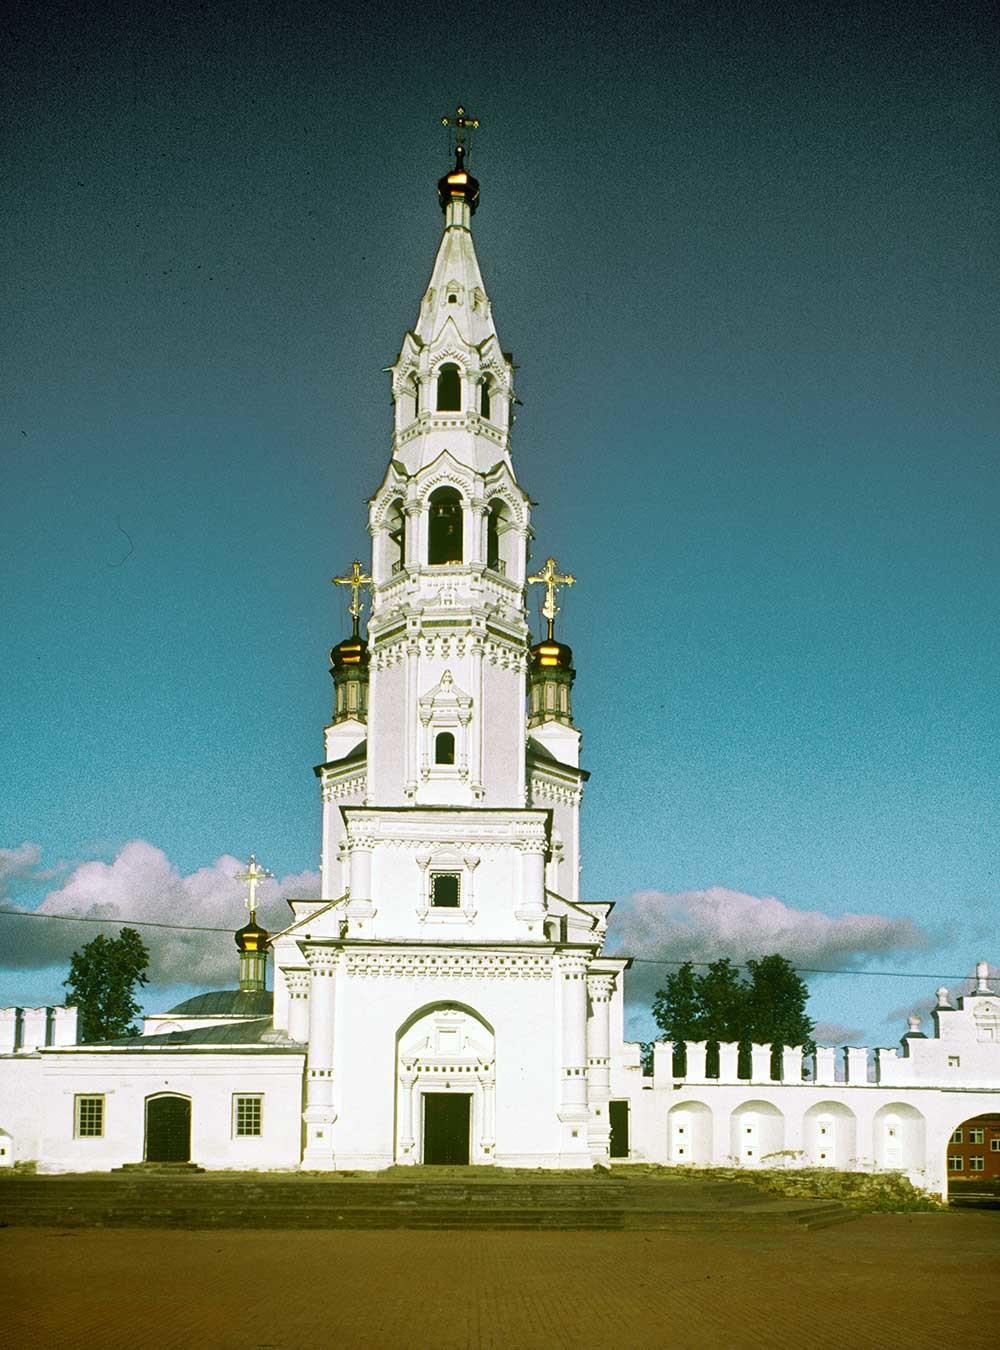 Campanile della Cattedrale della Trinità. Vista ovest. 26 agosto 1999